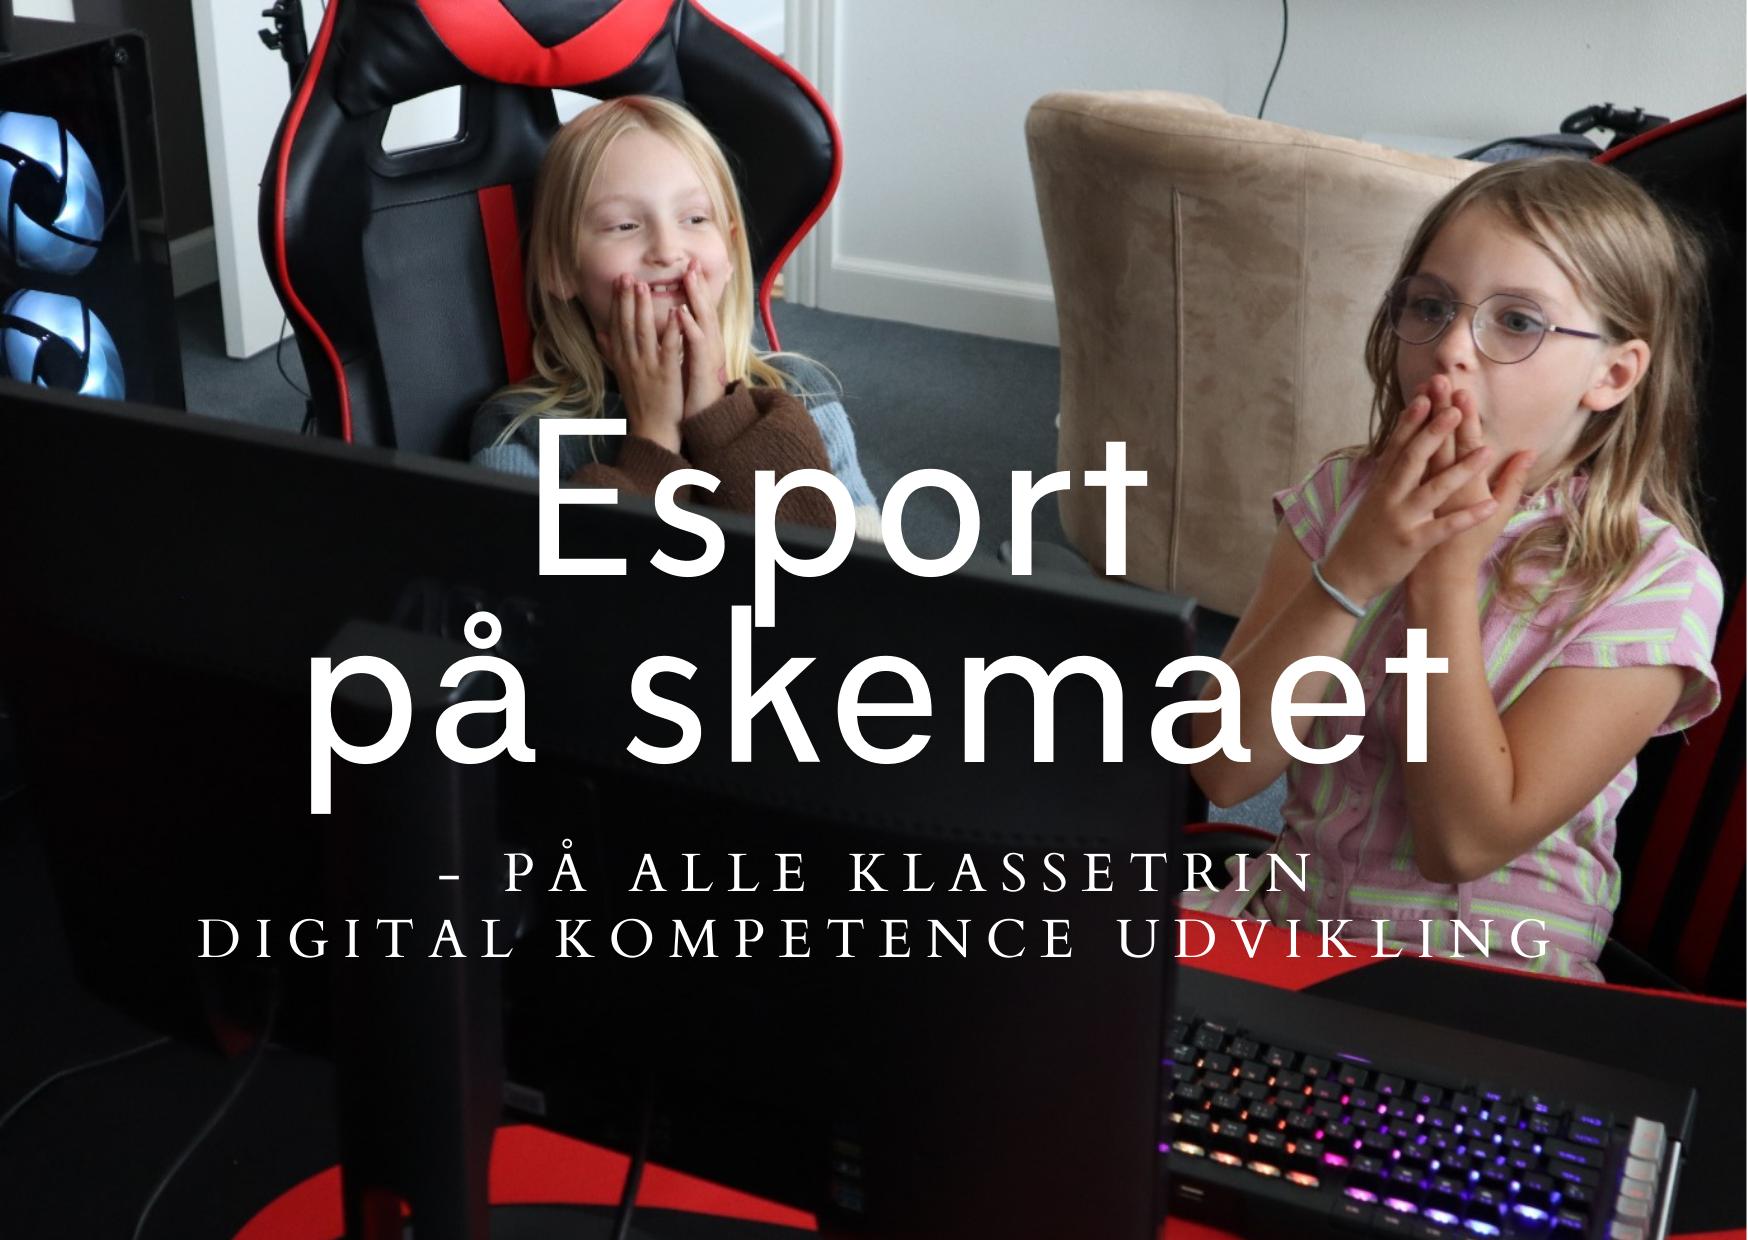 Hillerød Privatskole, nu med Esport på skemaet!